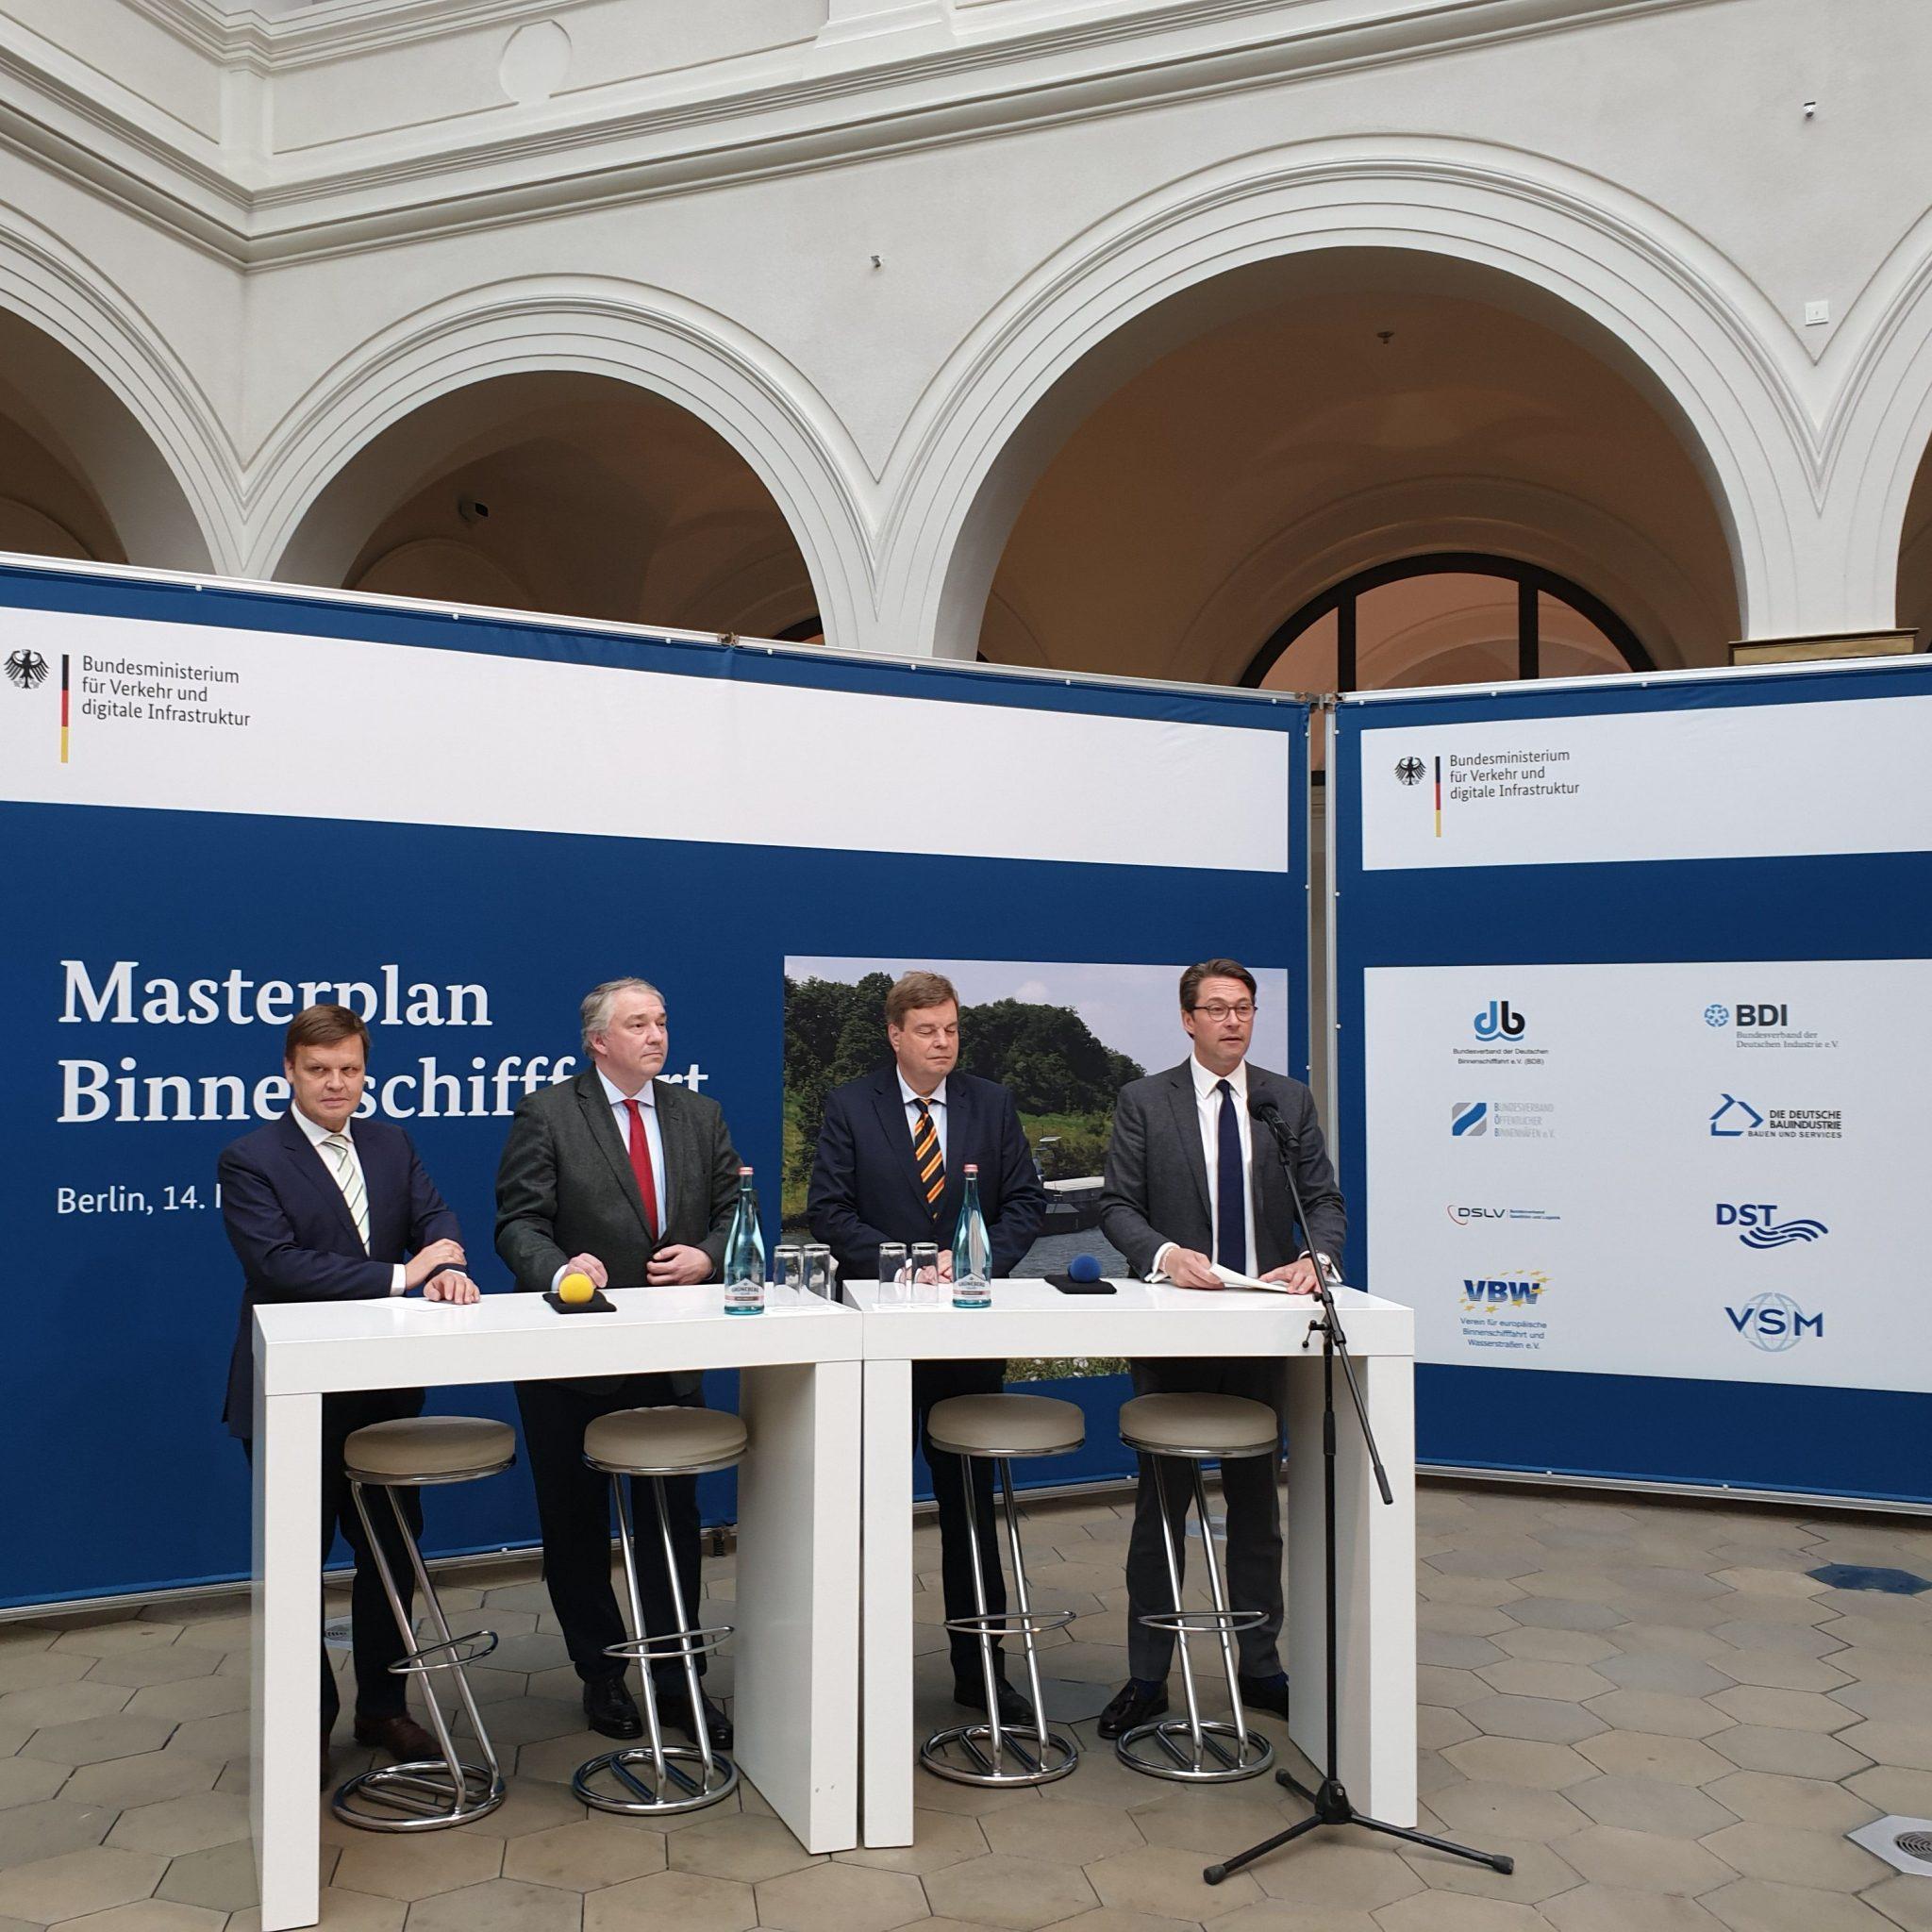 De presentatie van het Masterplan Binnenschifffahrt in 2019. V.l.n.r. verkeersminister Andreas Scheuer, staatssecretaris Enak Ferlemann, BDB-voorzitter Martin Staats en BöB-voorzitter Joachim Zimmermann. (Foto BDB)